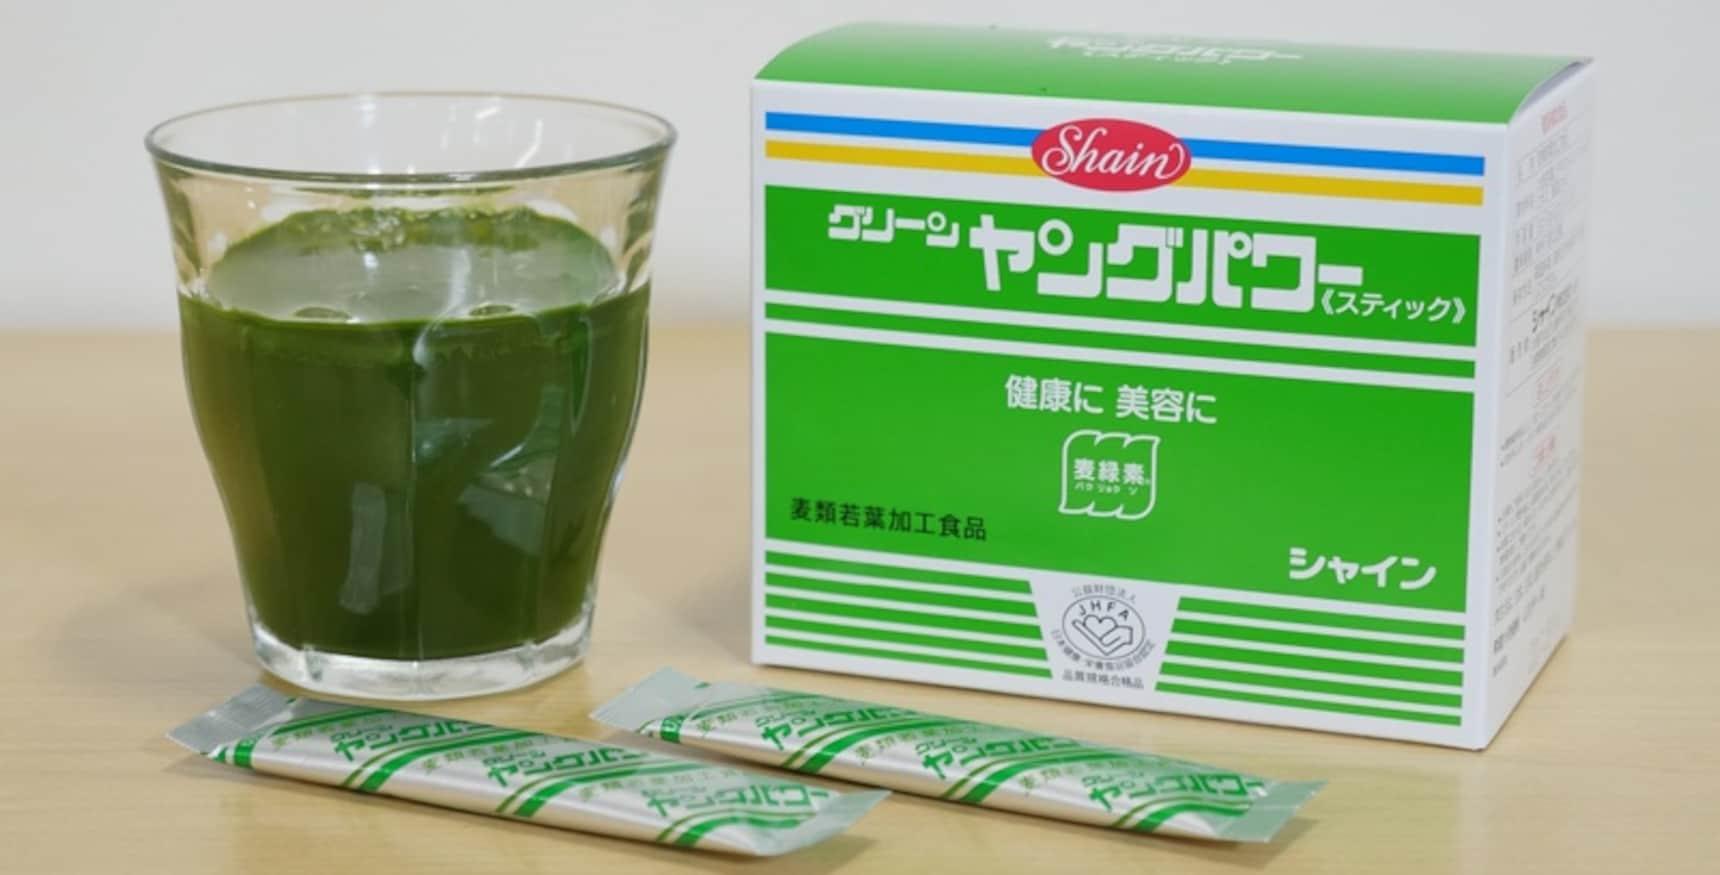 解析:日本国民健康食品大麦若叶青汁!